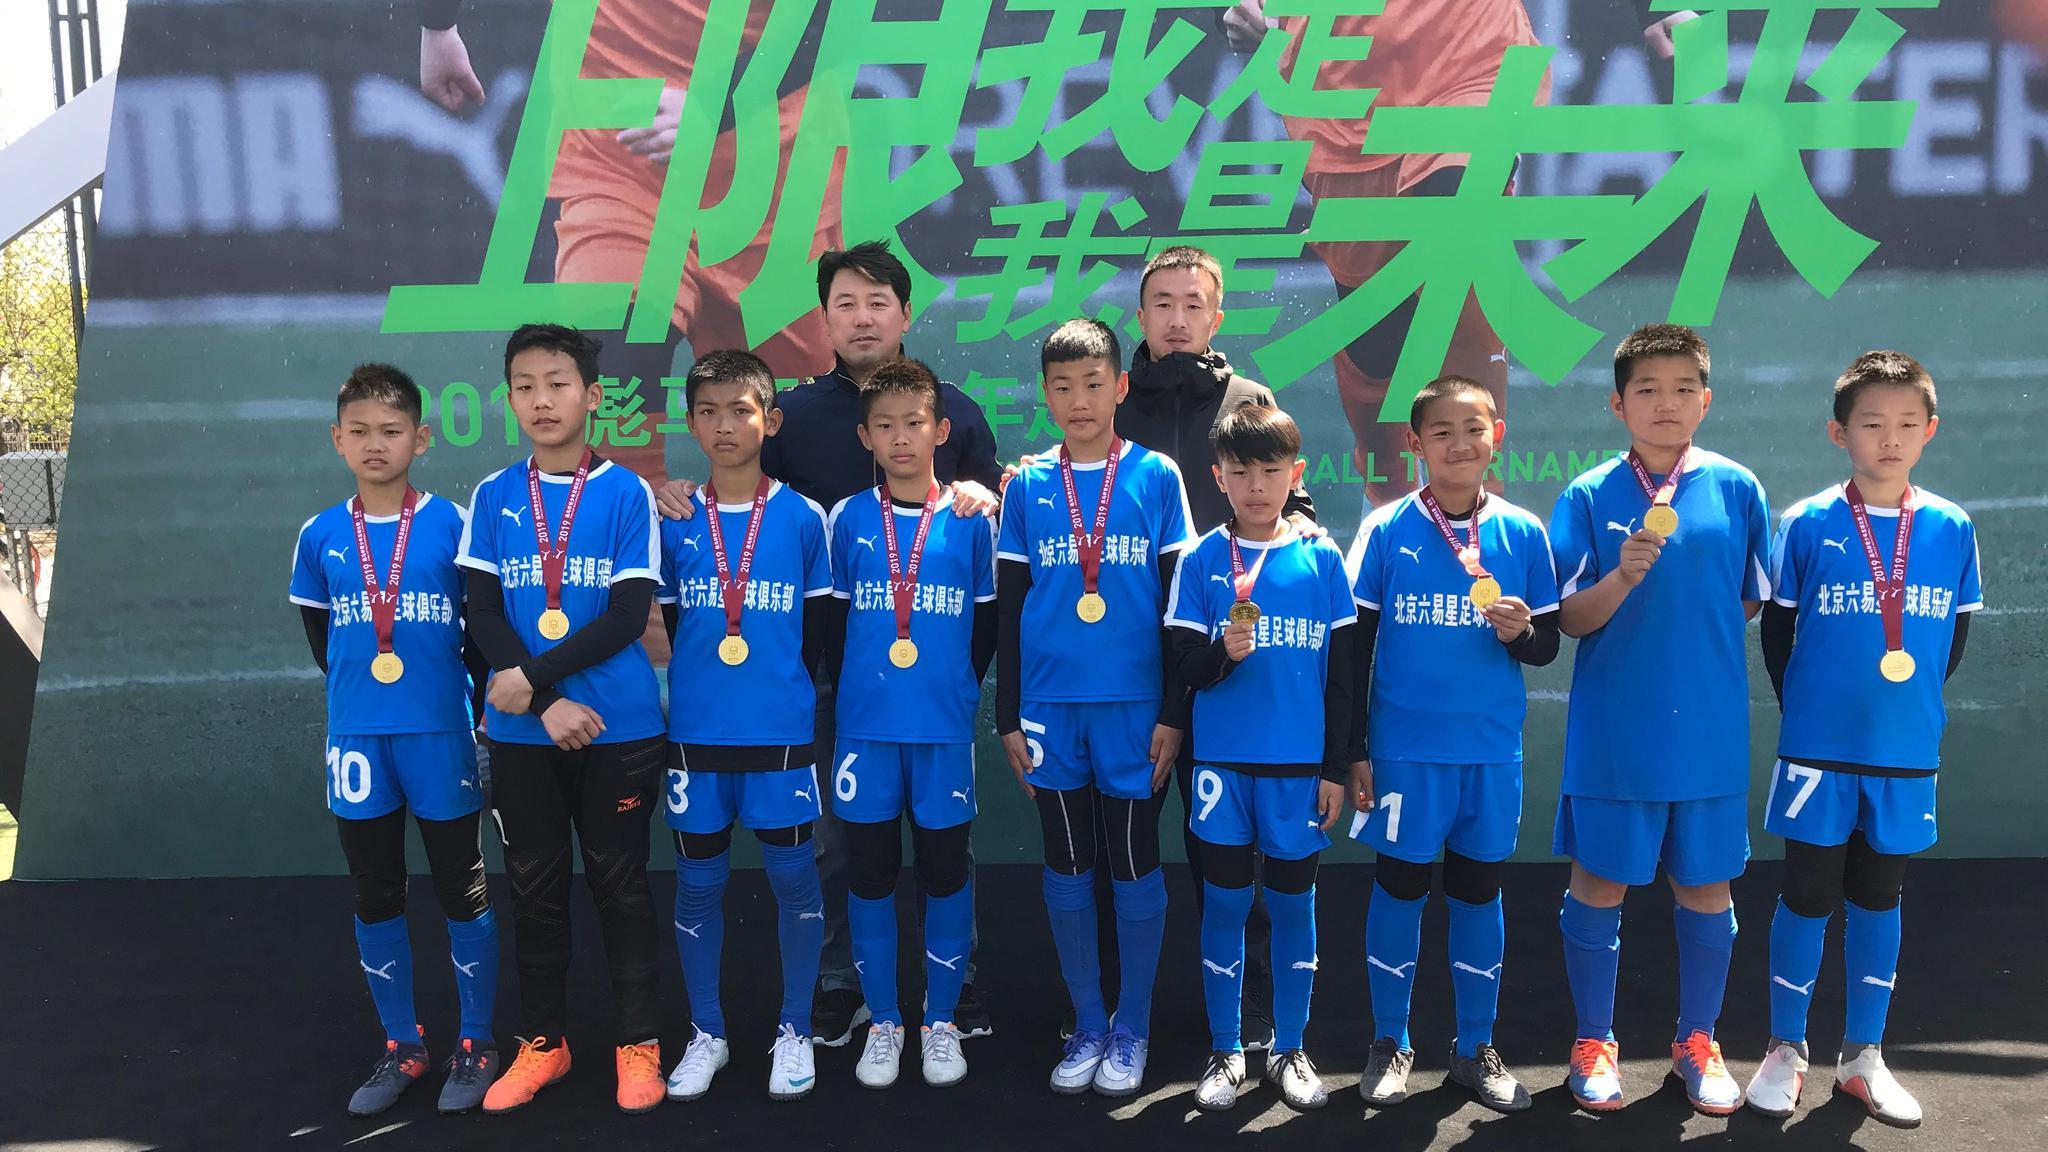 前国安球员隋东亮:青训需要有热心和耐心的教练